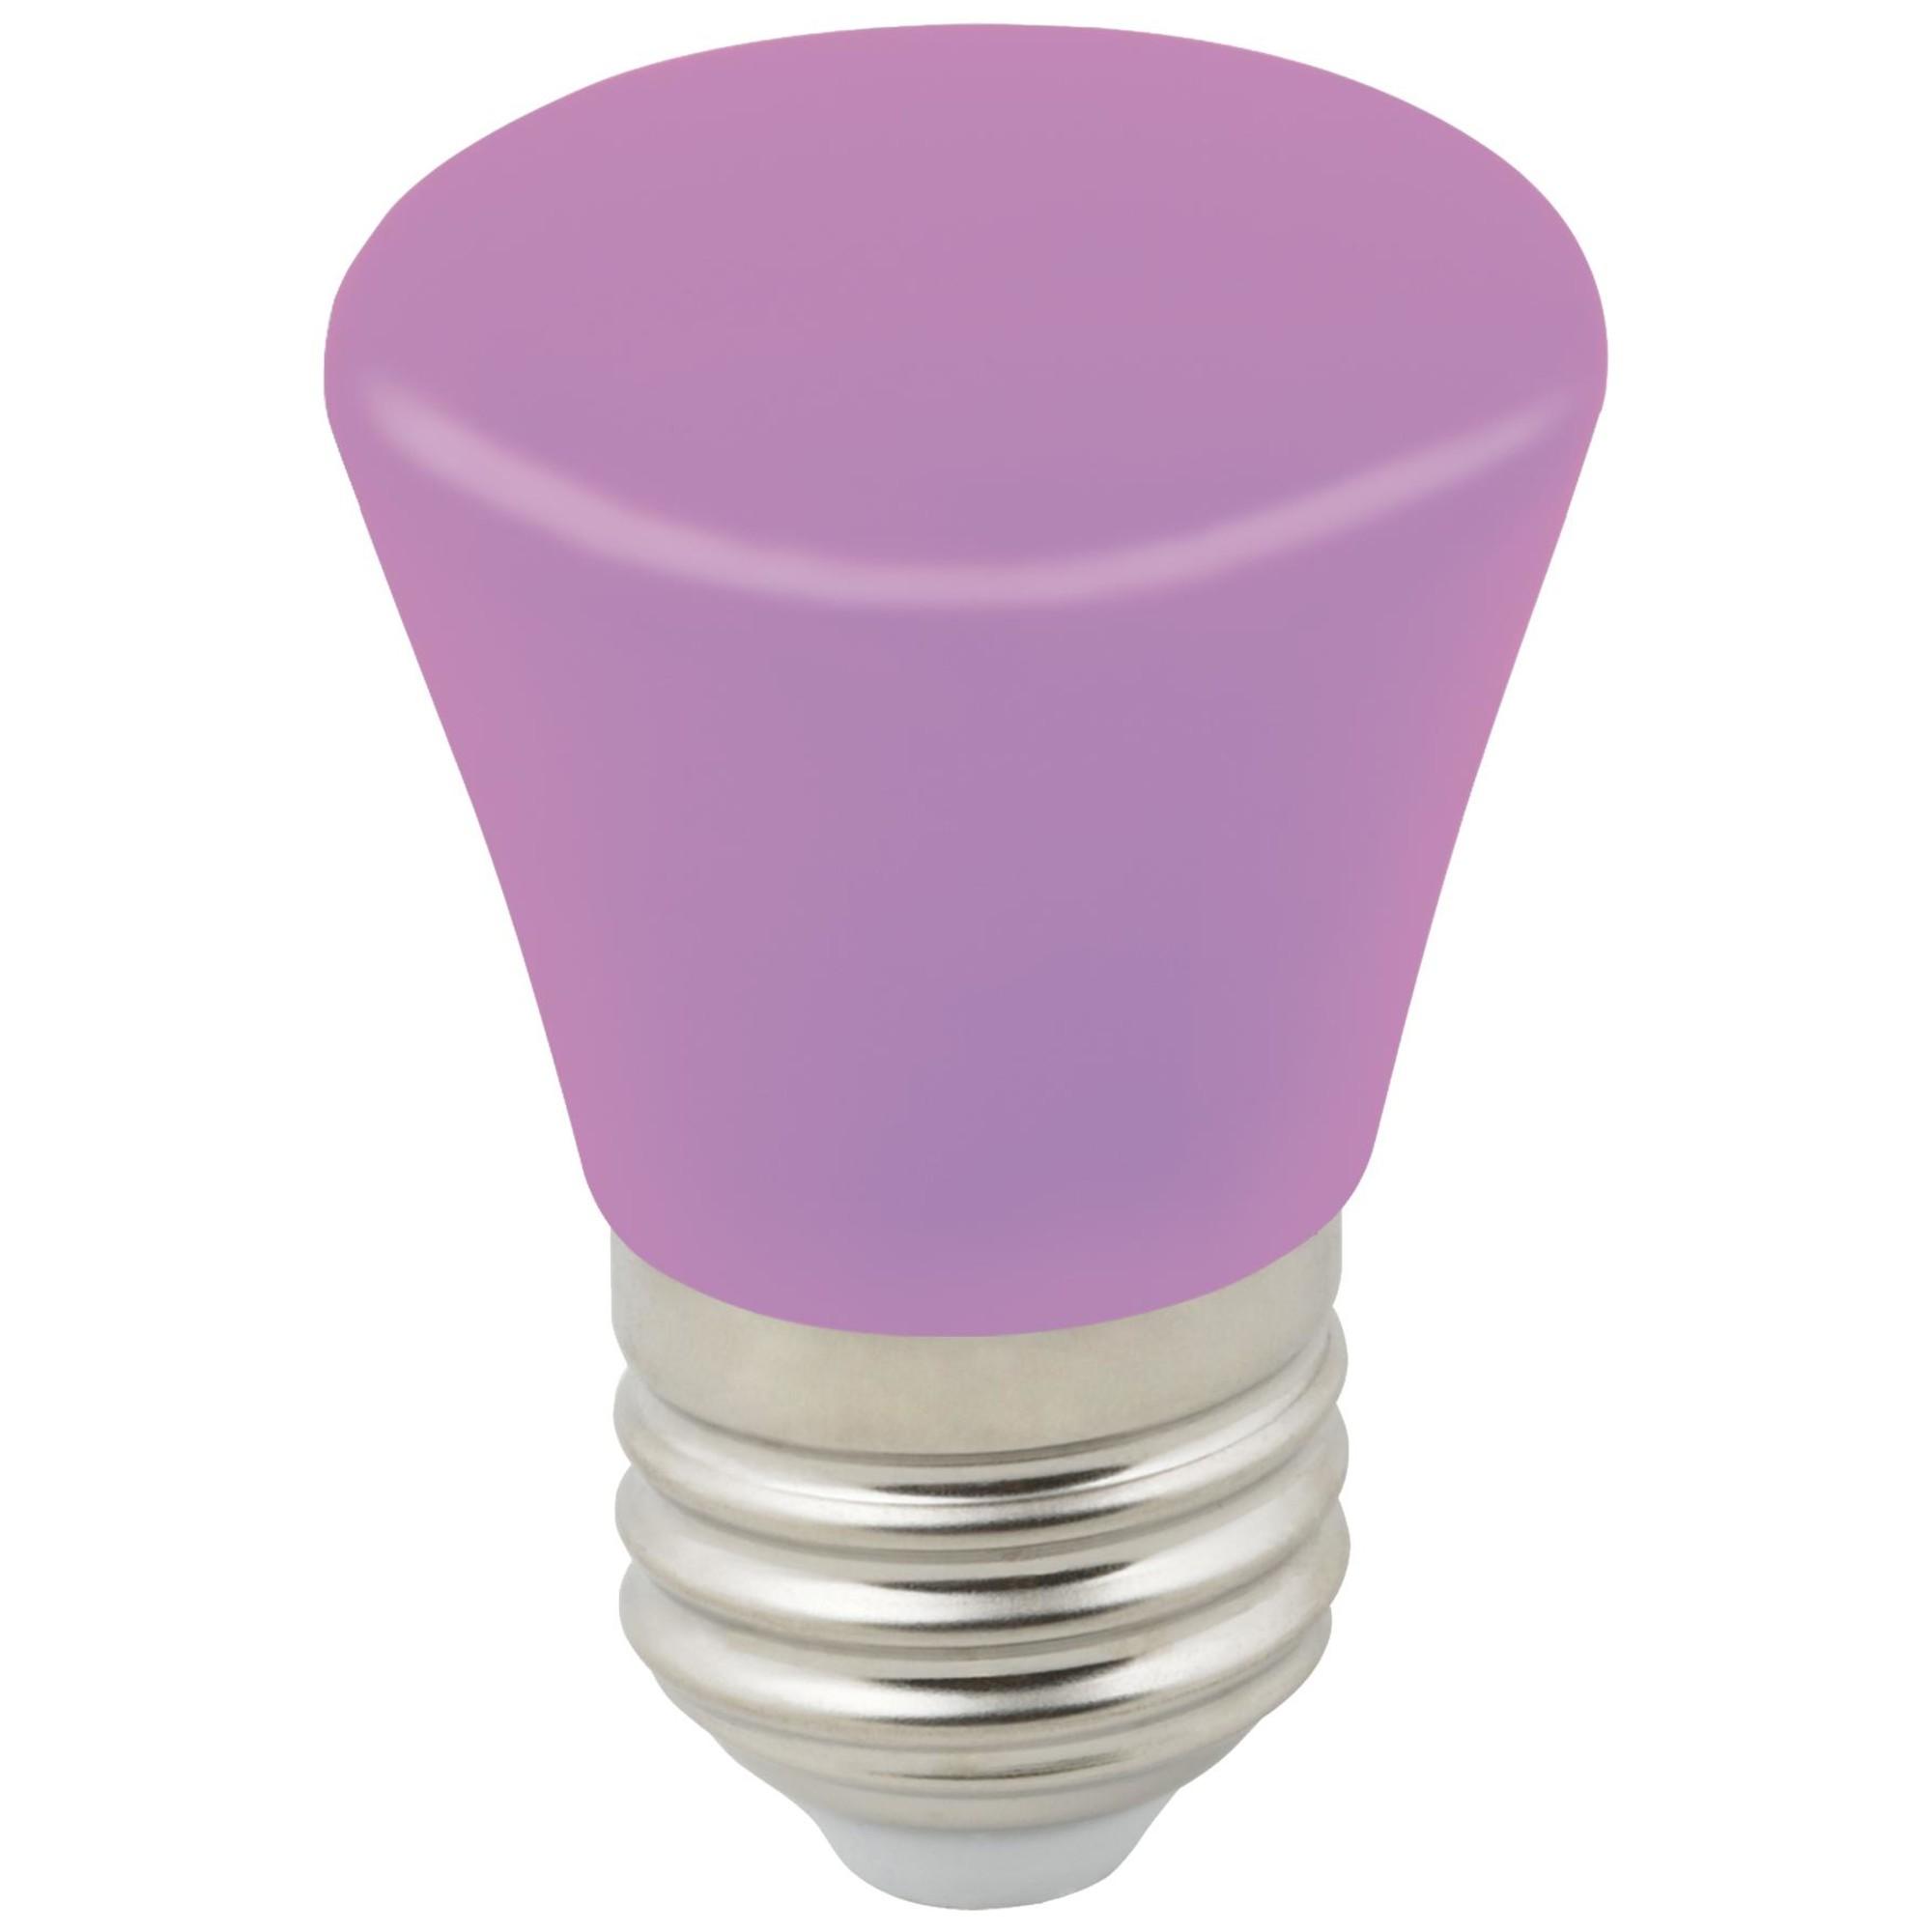 Лампа светодиодная Volpe Décor Color E27 колокольчик  Лм 1 Вт многоцветный